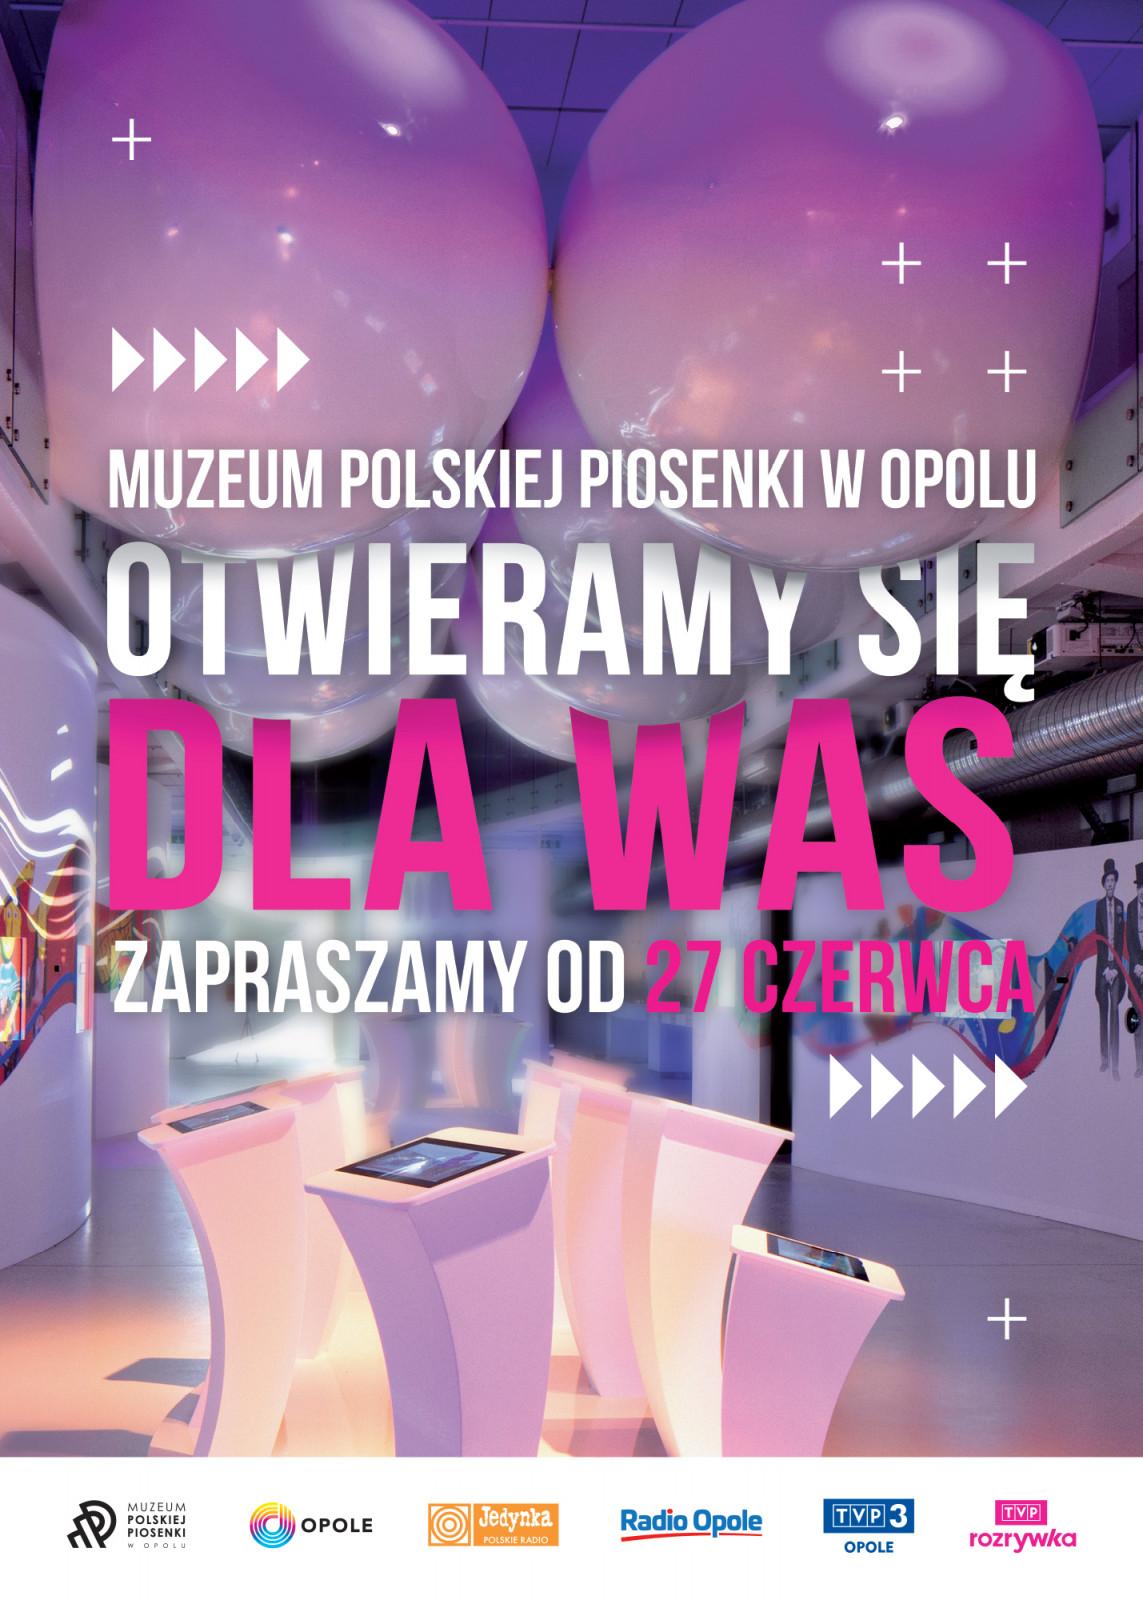 Od 27.06 otwarcie wystawy stałej w MPP w Opolu